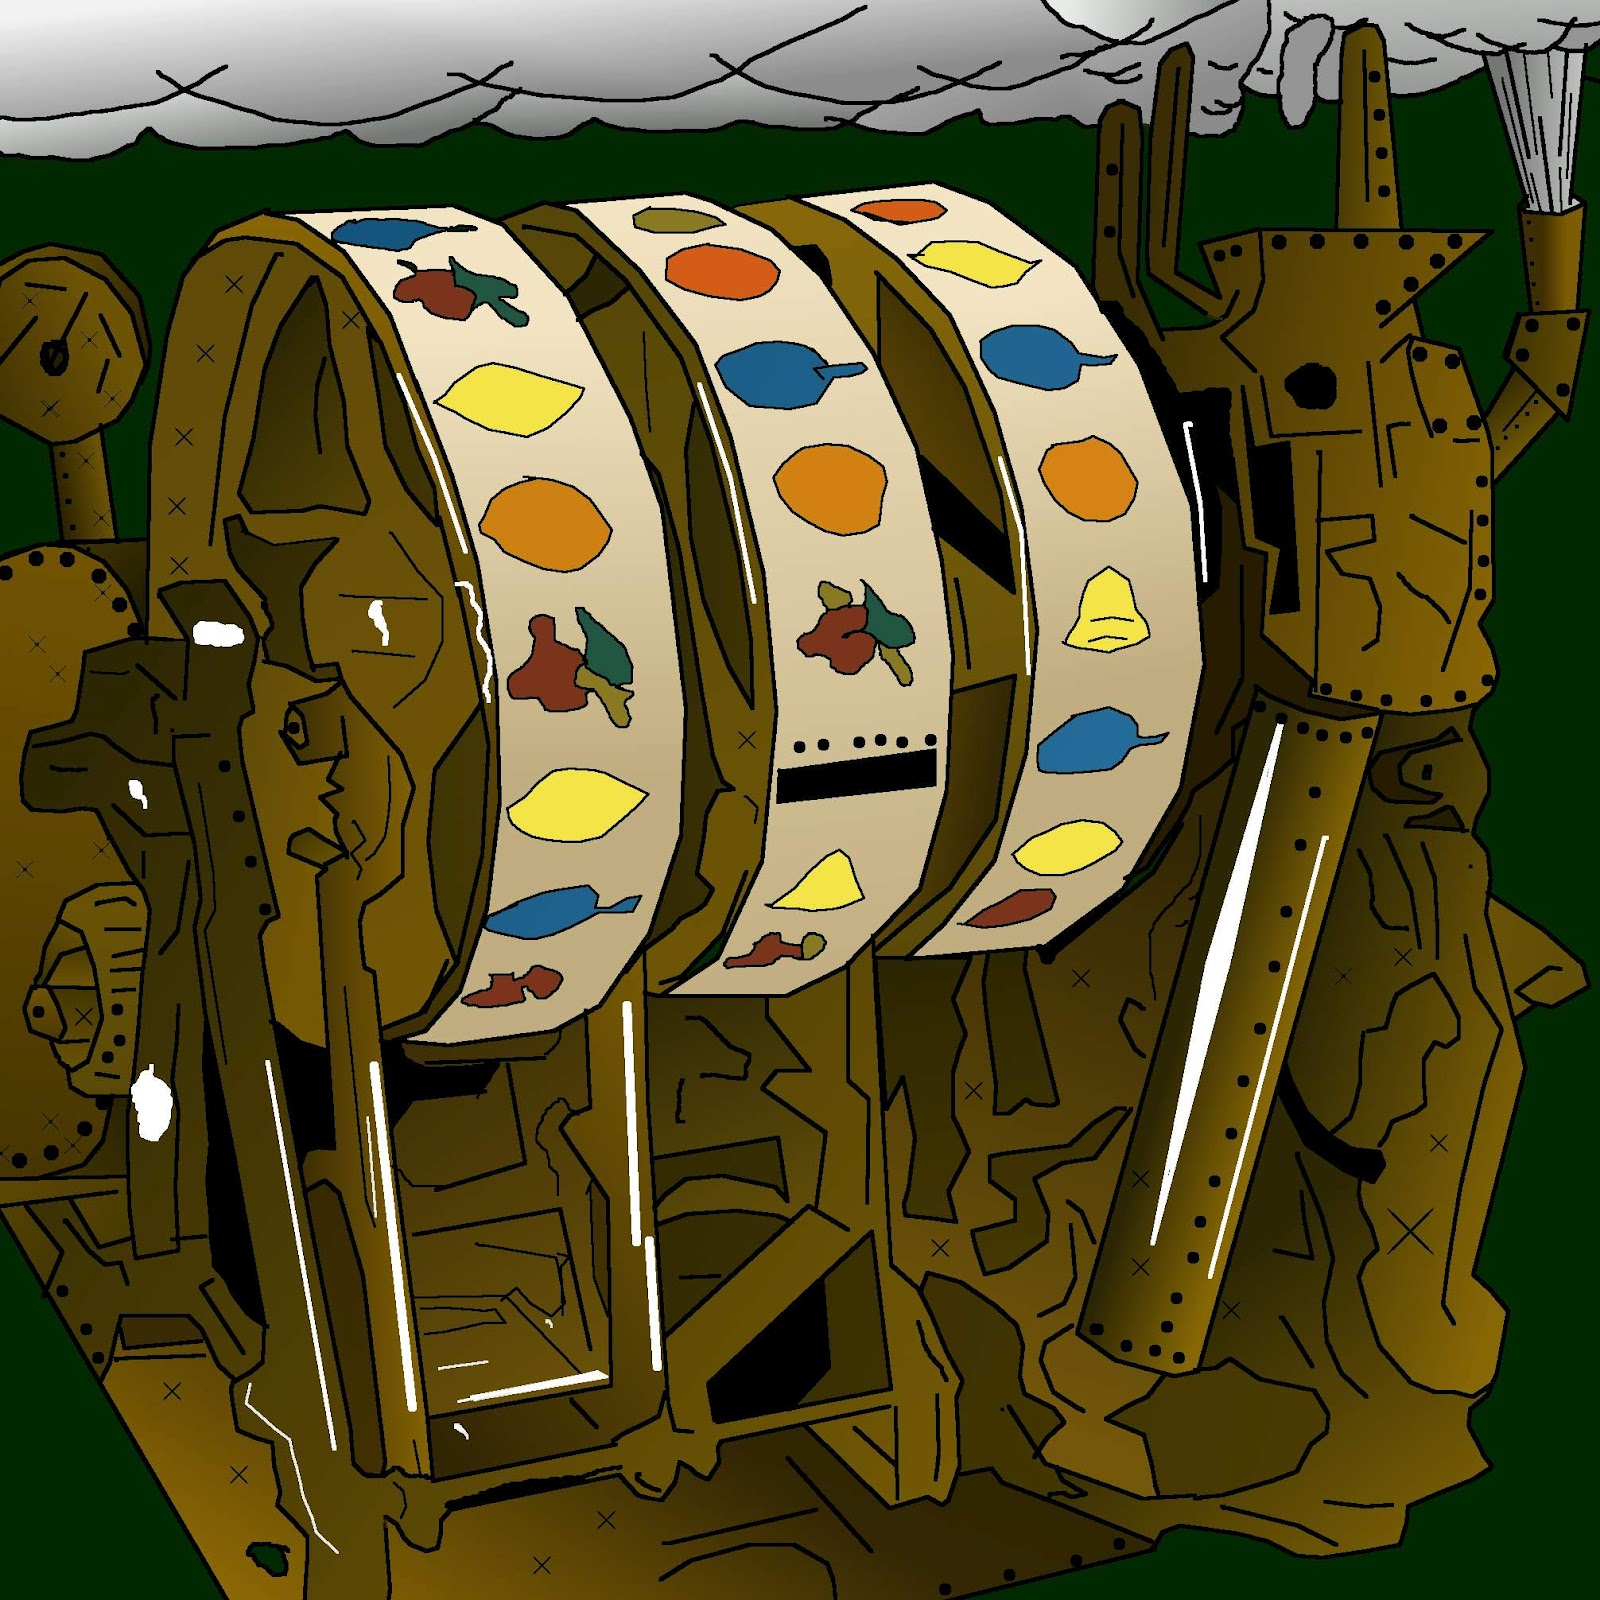 казино вулкан игровые автоматы играть бесплатно и без регистрации онлайн